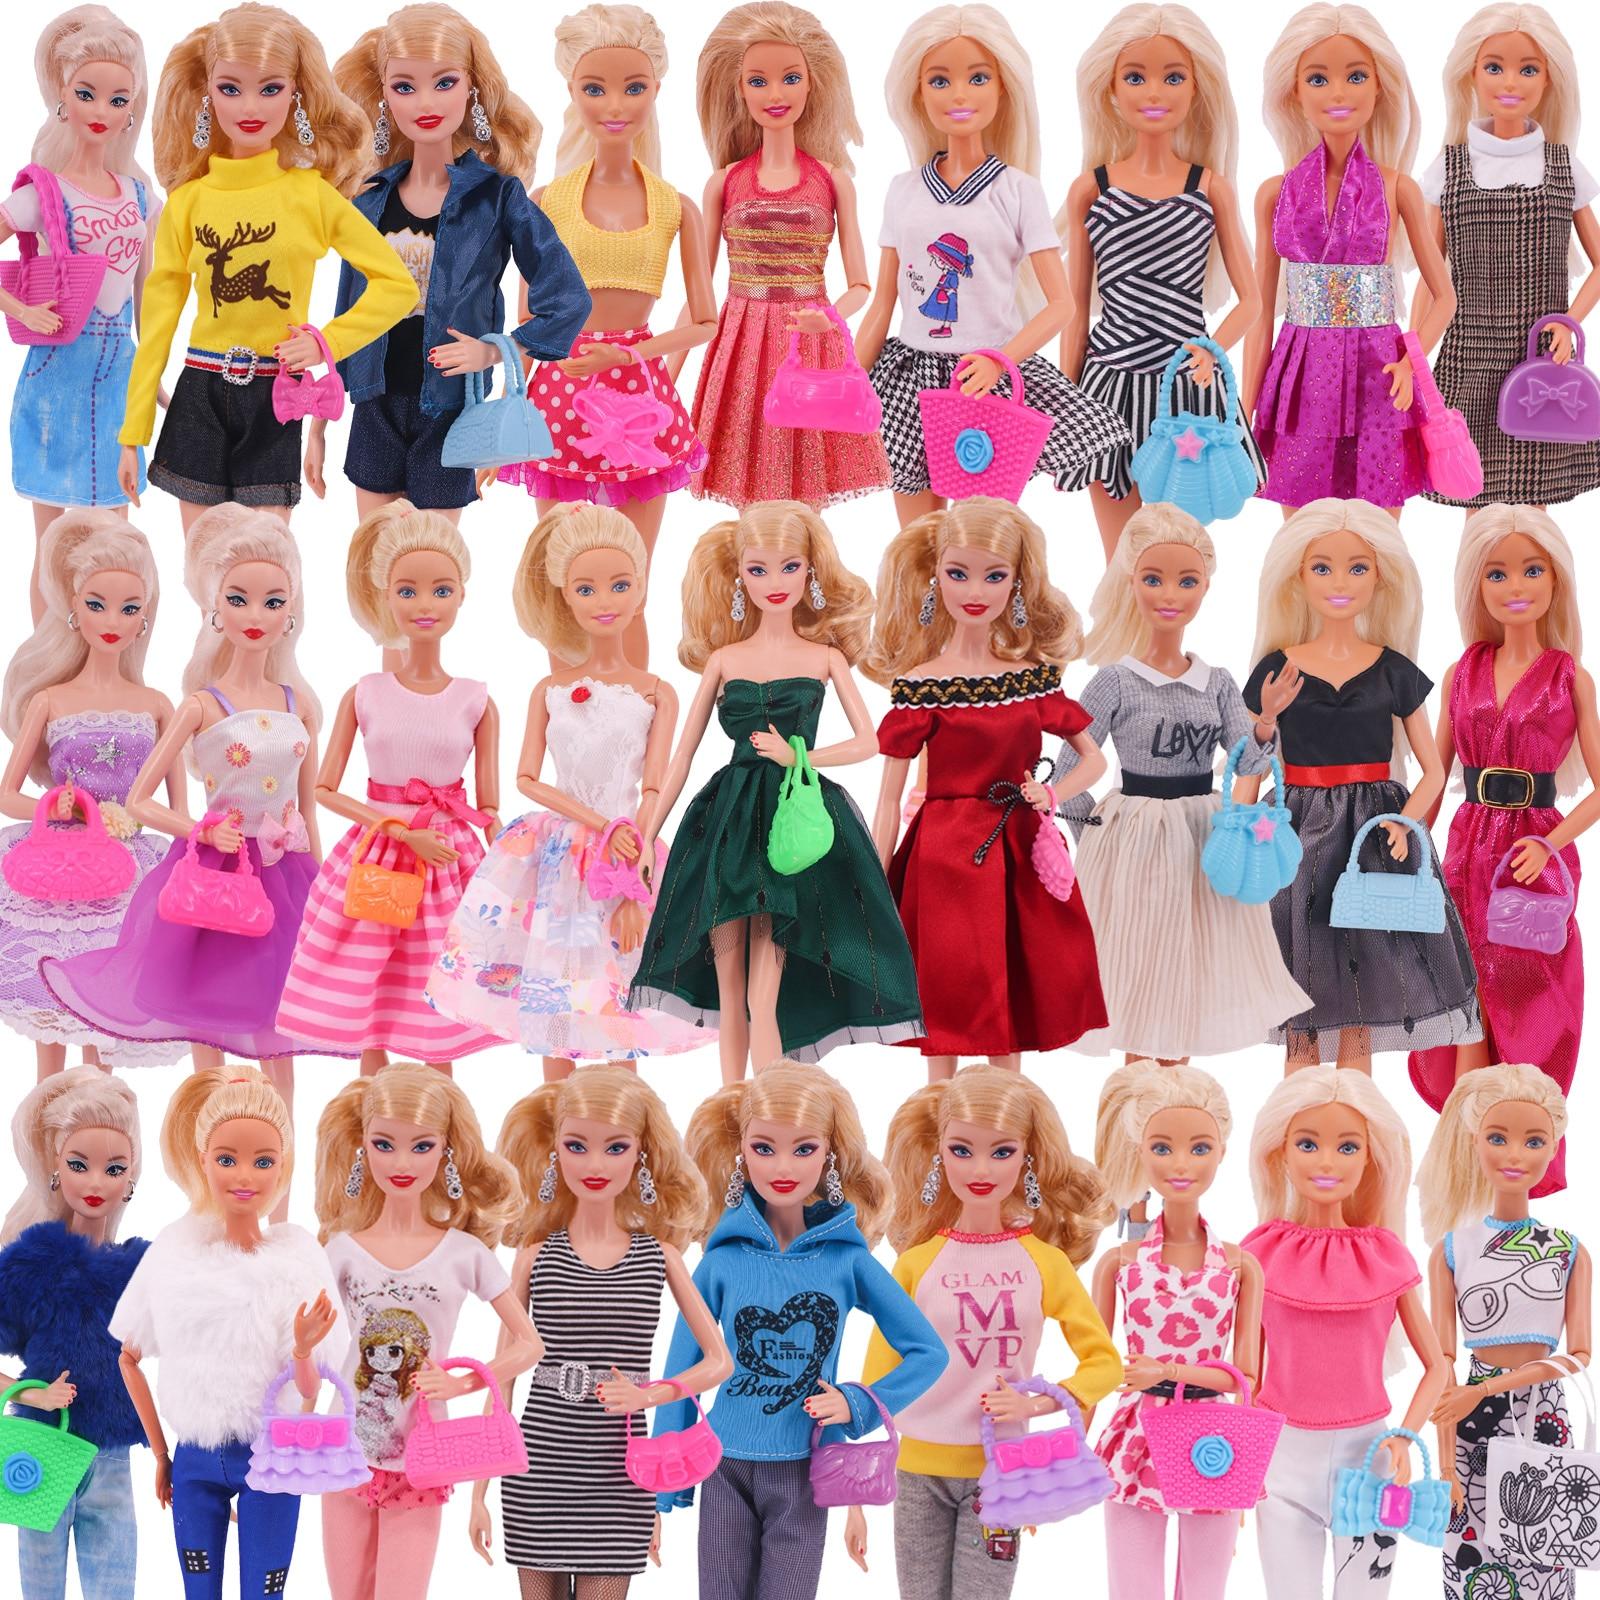 10 шт. аксессуары для кукол Барби = 5 шт. одежда Барби + 5 шт. сумок для куклы Барби и 1/6 Blythe шарнирная кукла обуви Мини платья Сумки Игрушки